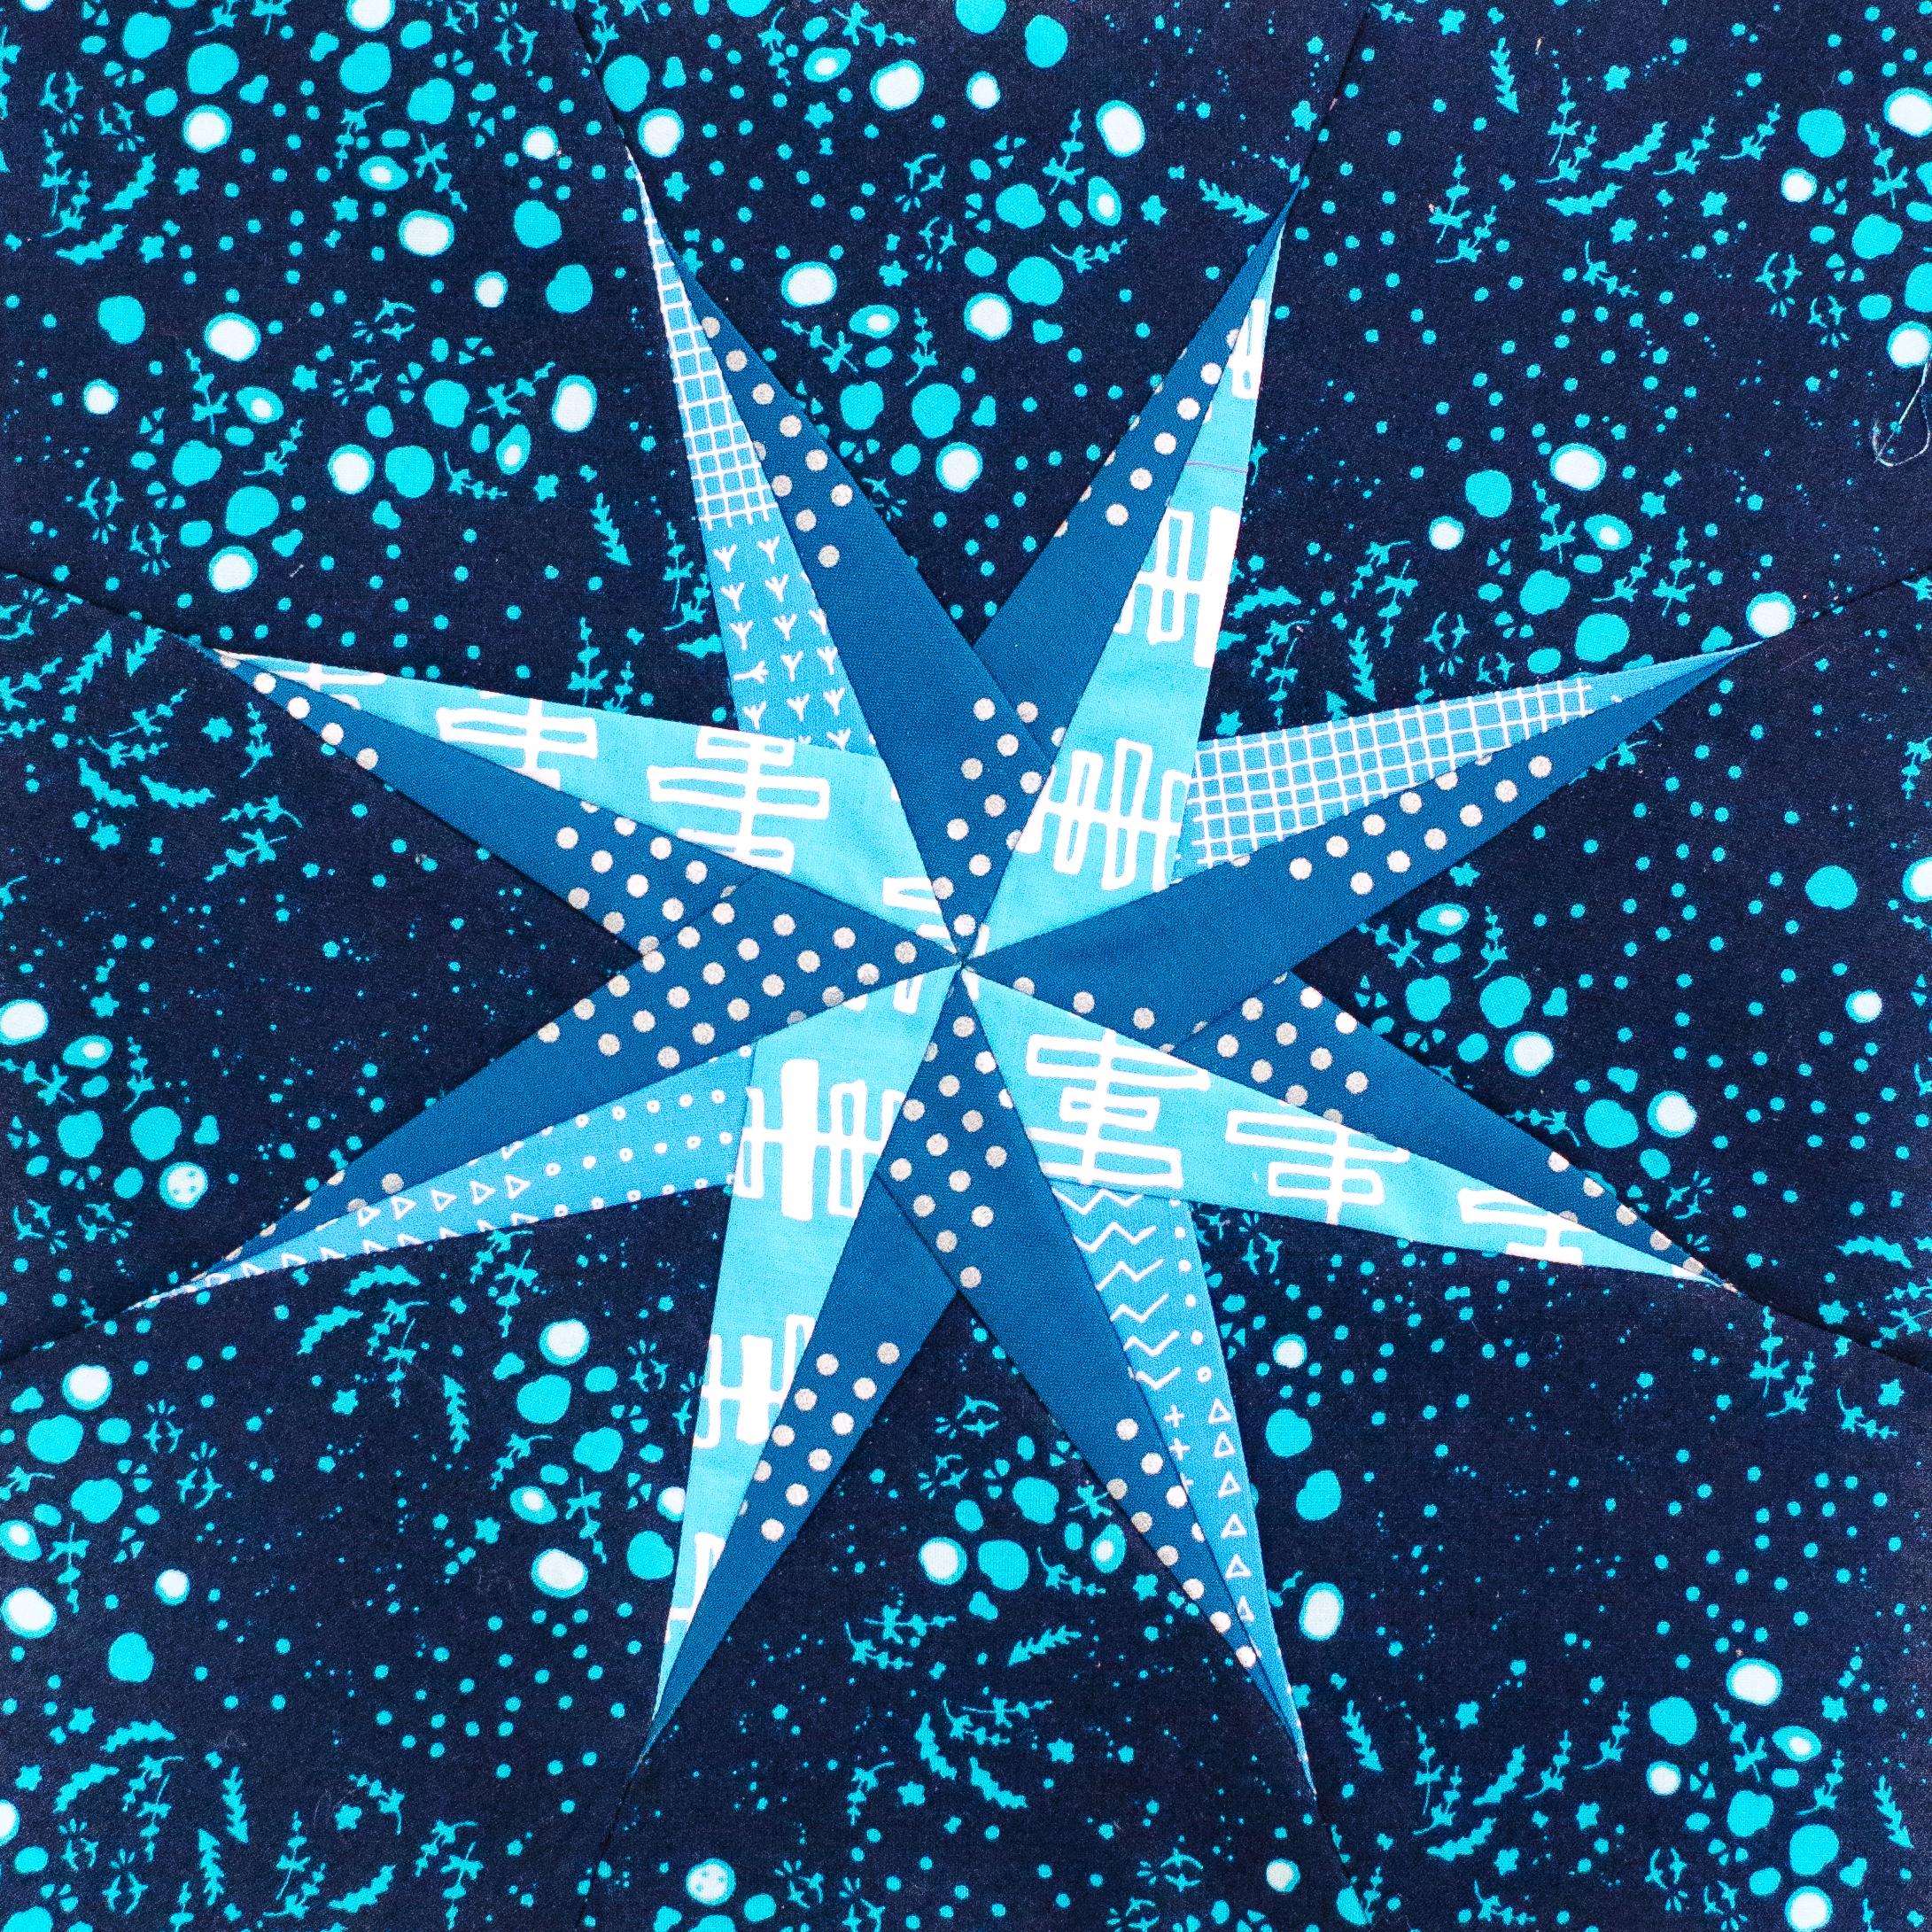 galaxy-6.jpg